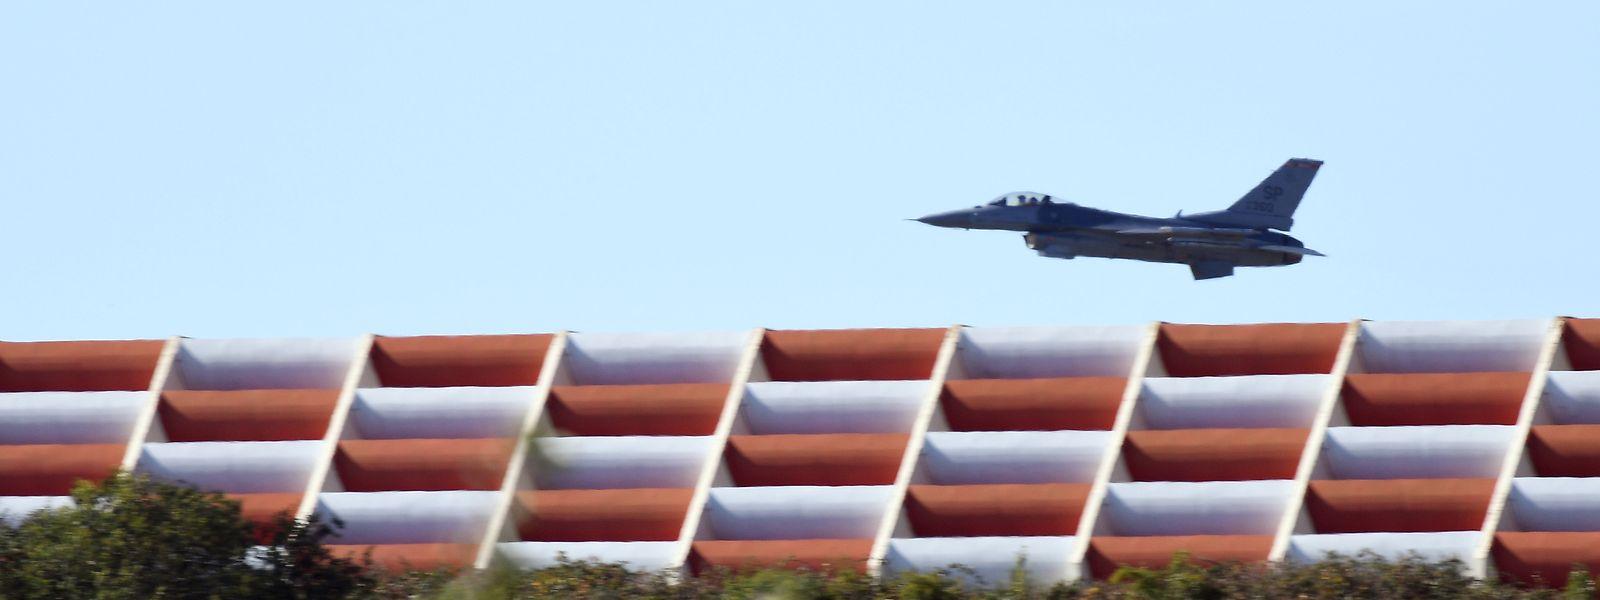 Ein Kampfflugzeug vom Typ F-16 überfliegt die Start- und Landebahn des US-Militärflughafens.